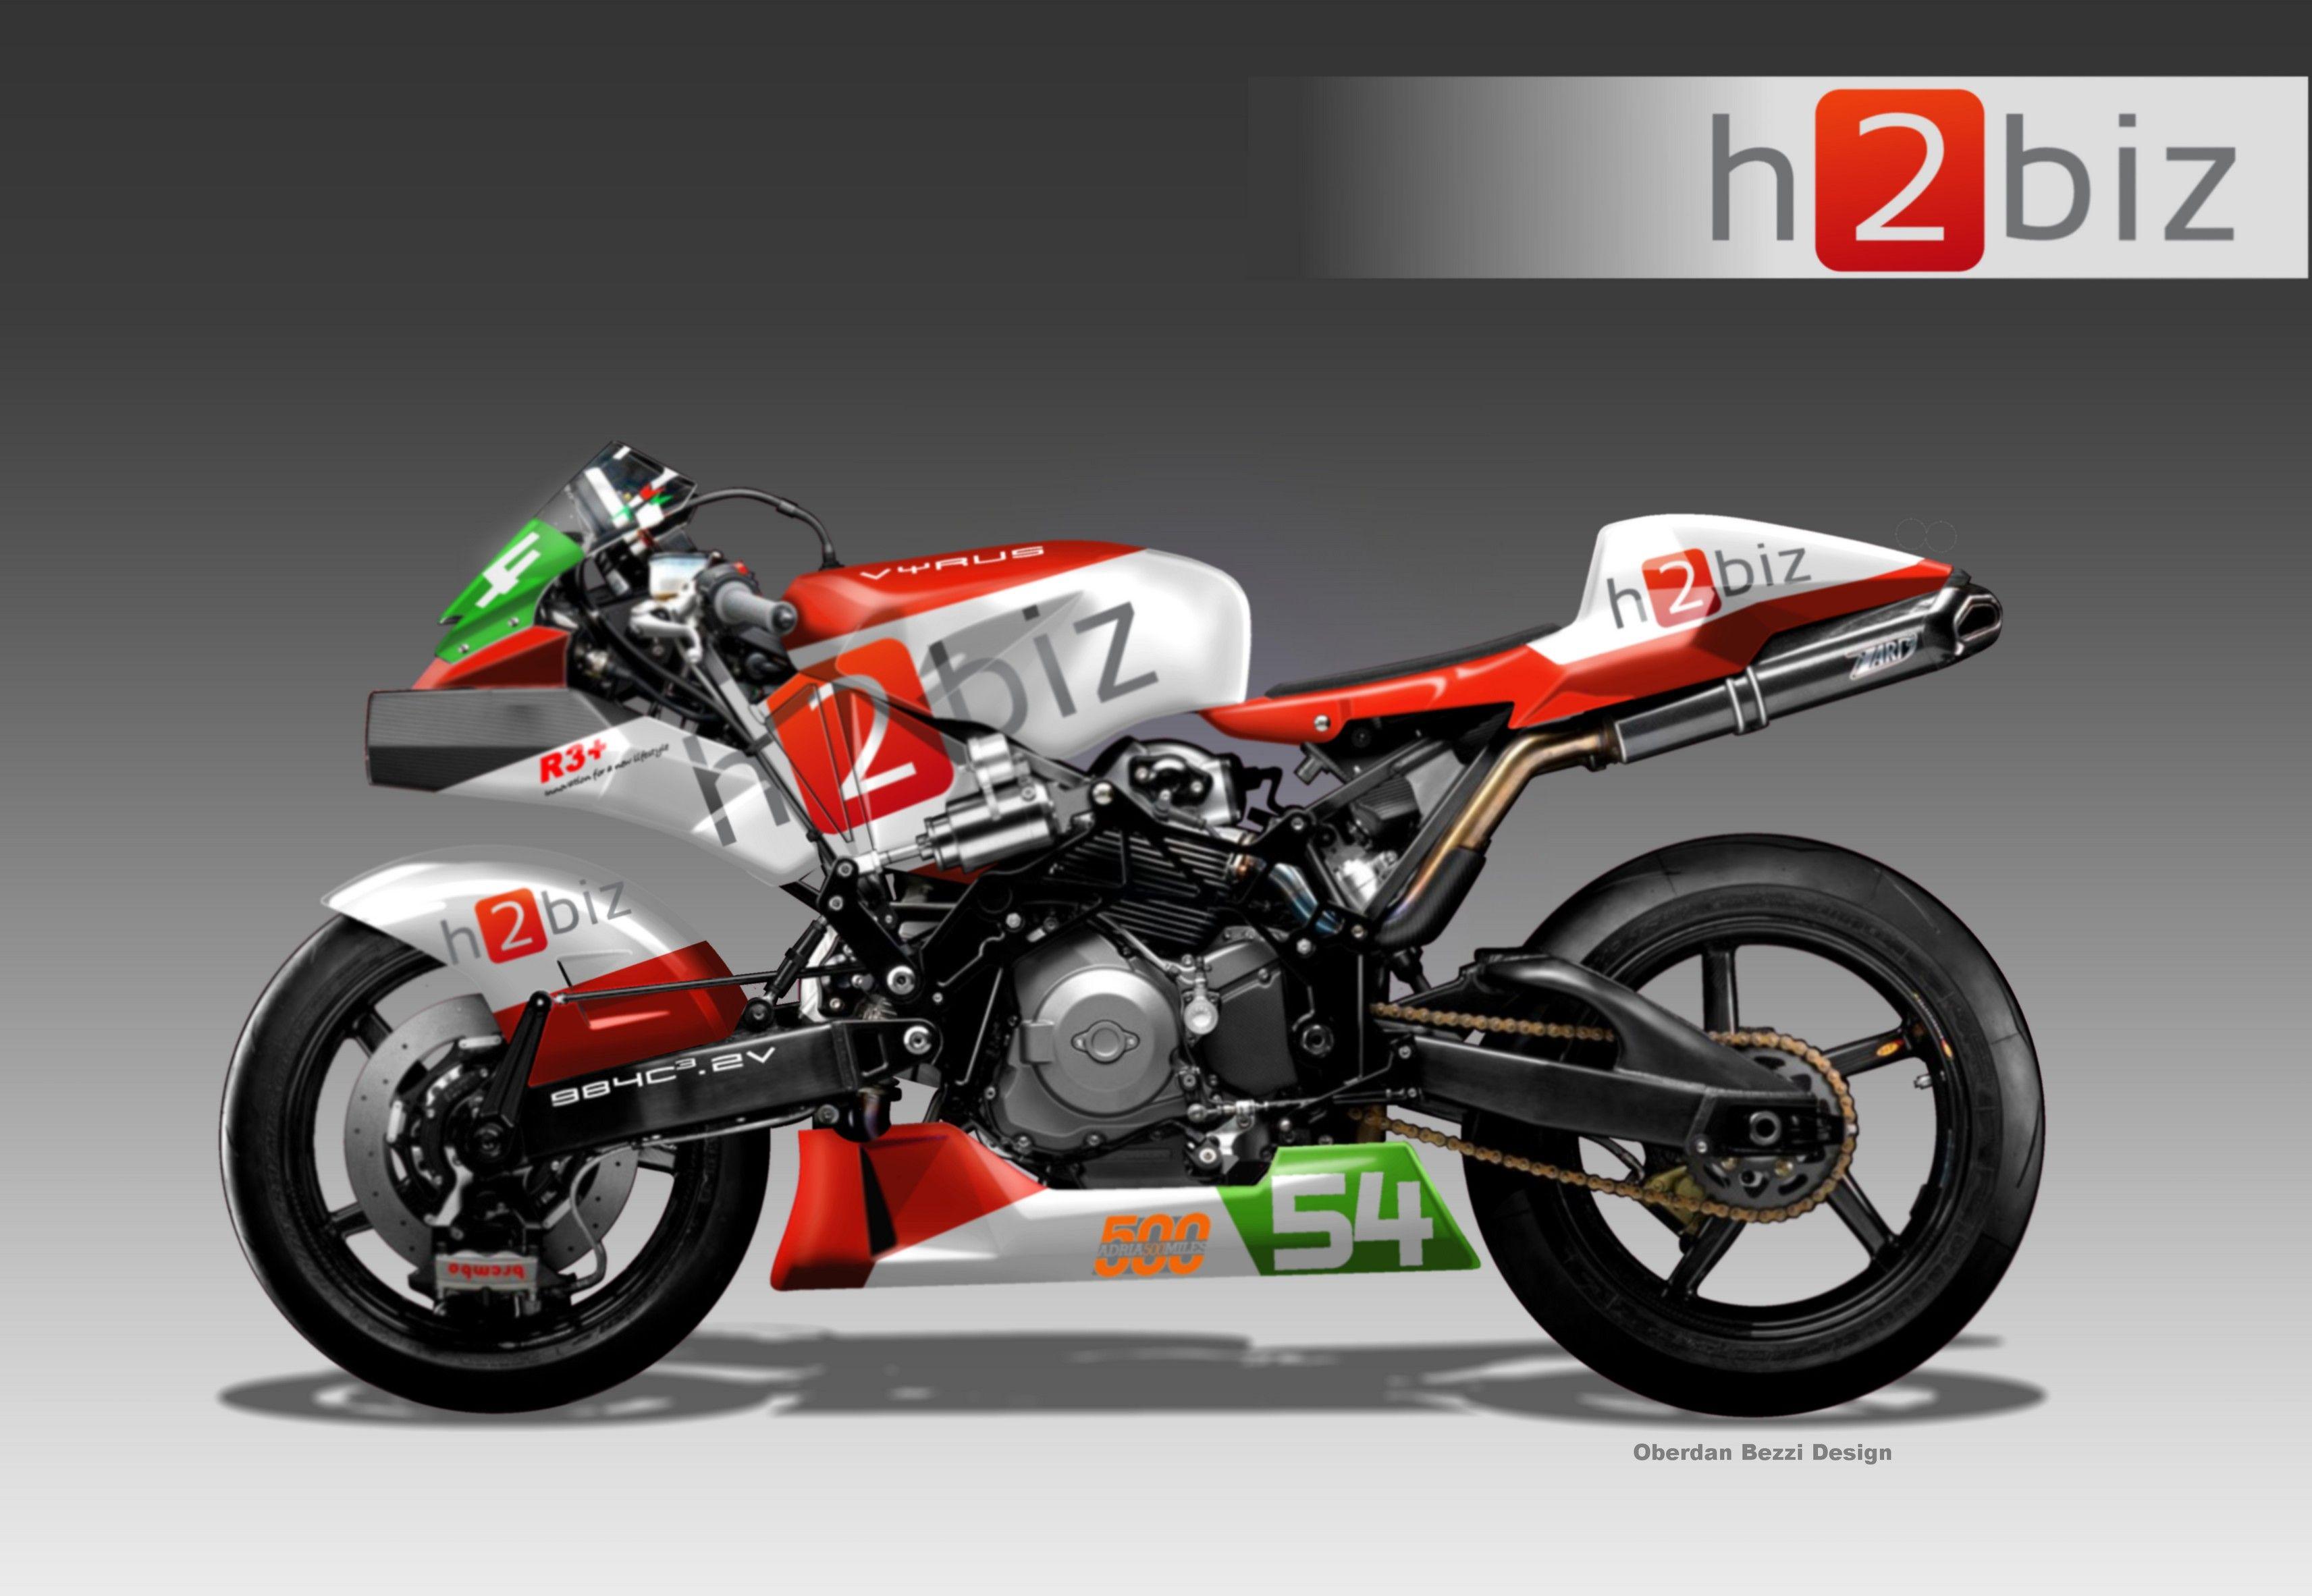 La Vyrus 984 V2 Che Debuttera Alla 500 Miglia Di Adria Coi Colori H2biz バイク 車